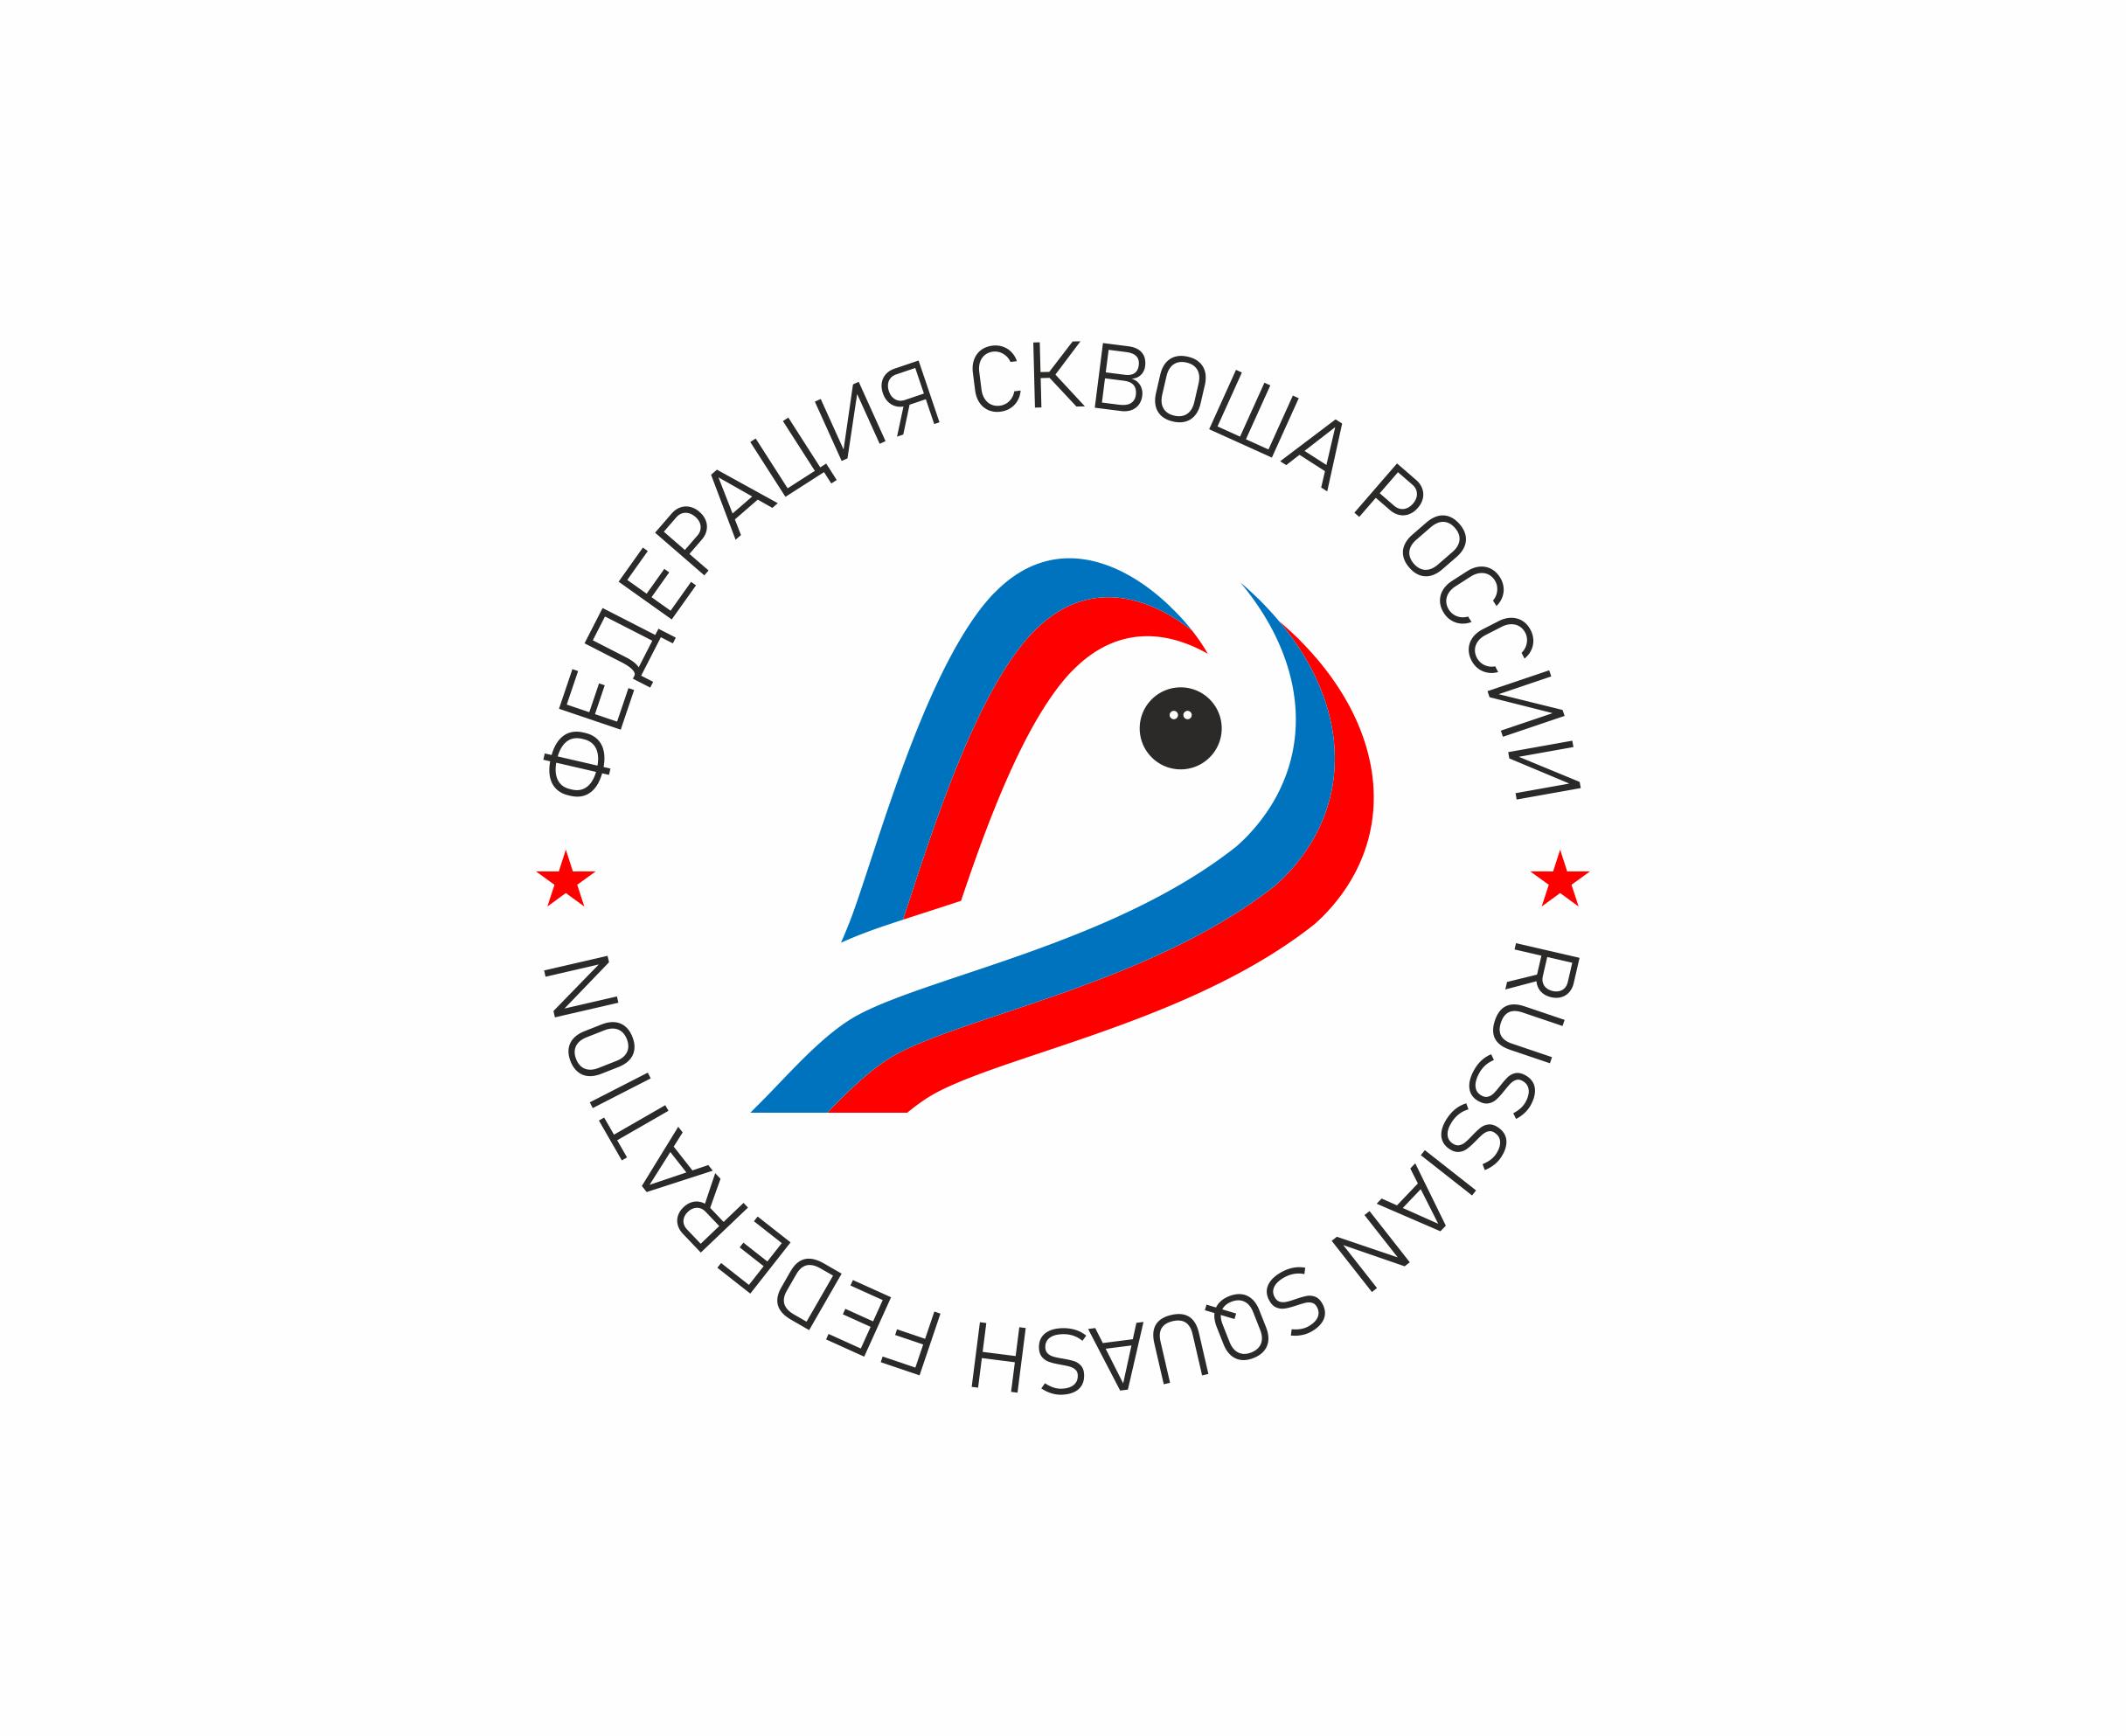 Разработать логотип для Федерации сквоша России фото f_6935f33b37e0e1e1.png